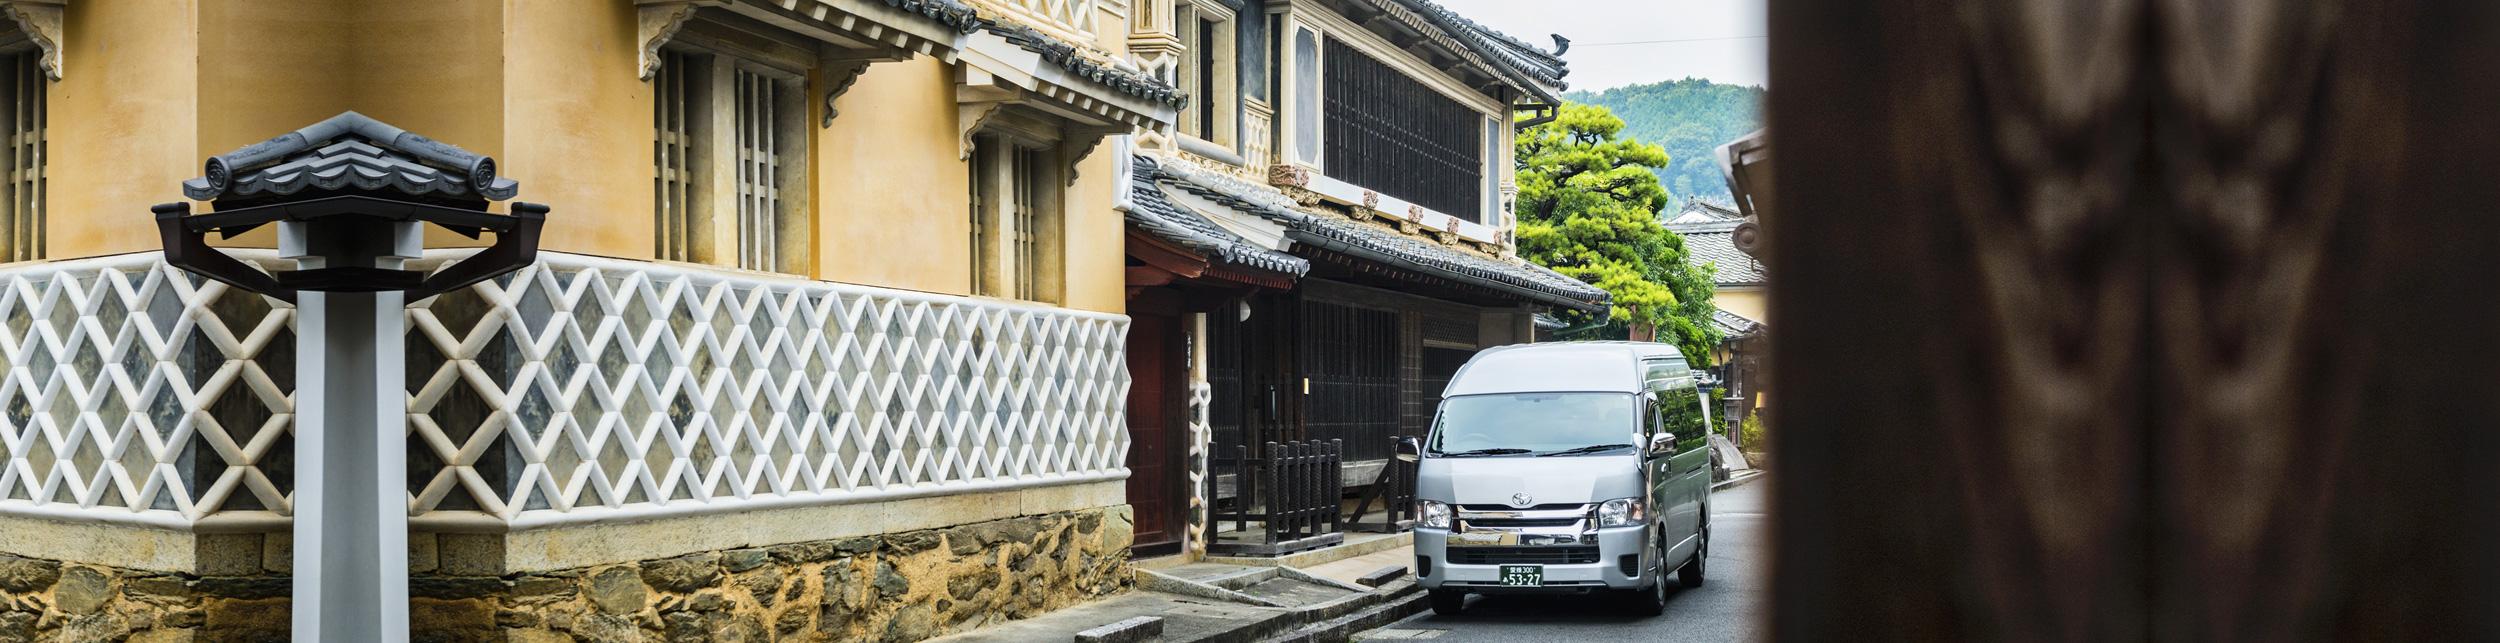 前道後タクシー観光ツアー:7